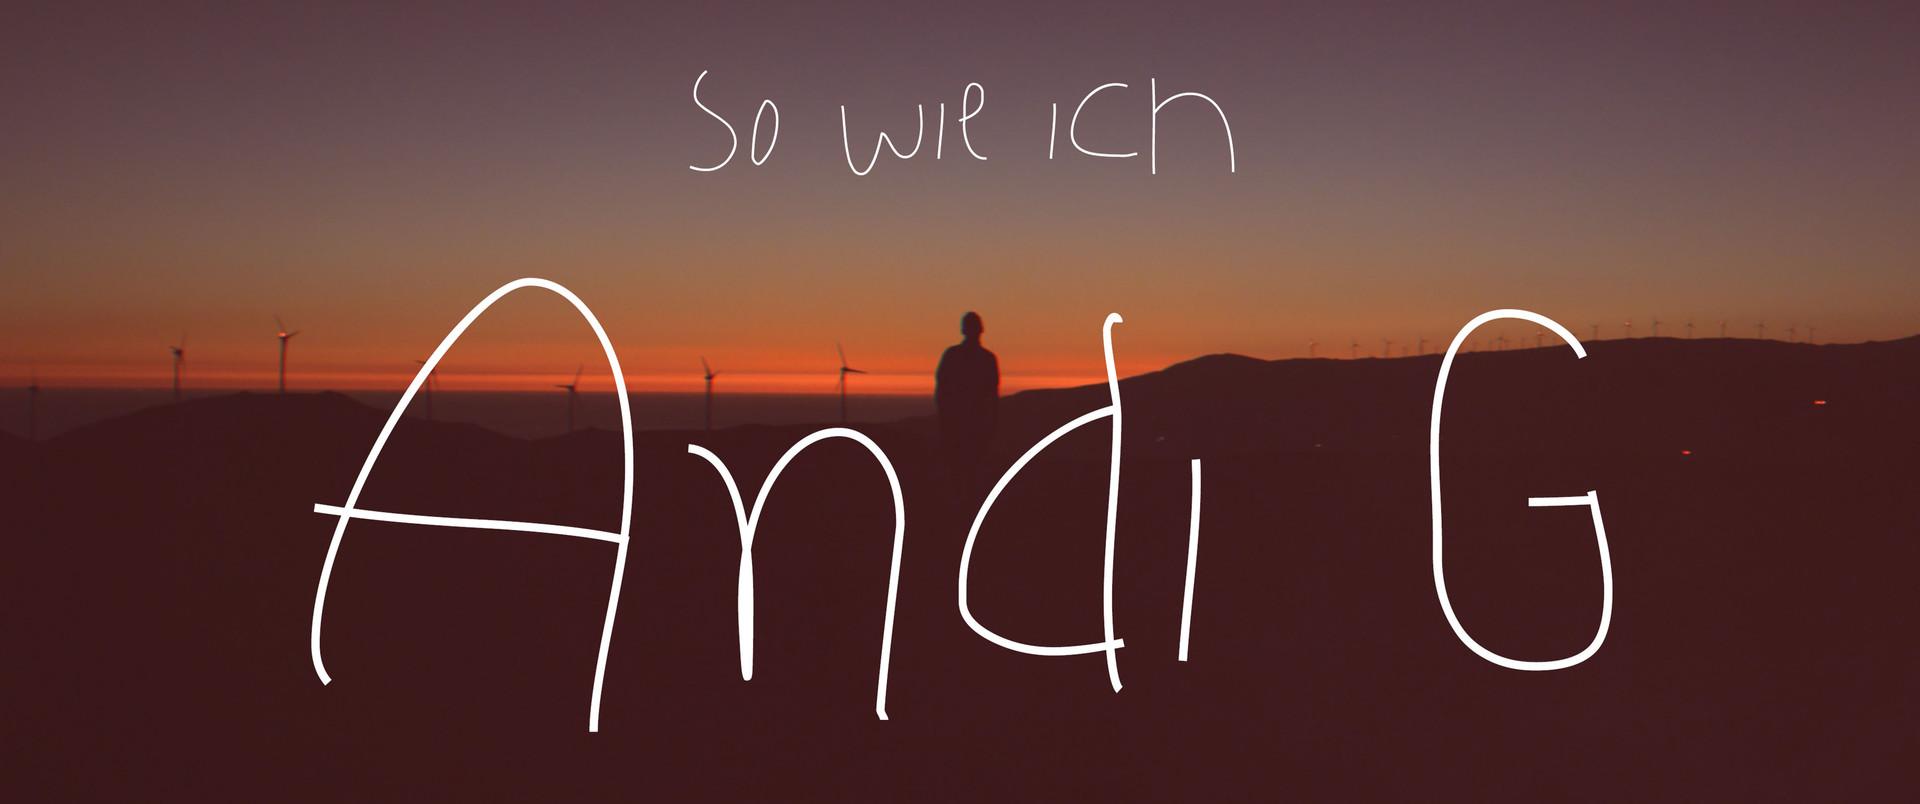 SO_WIE_ICH.jpg